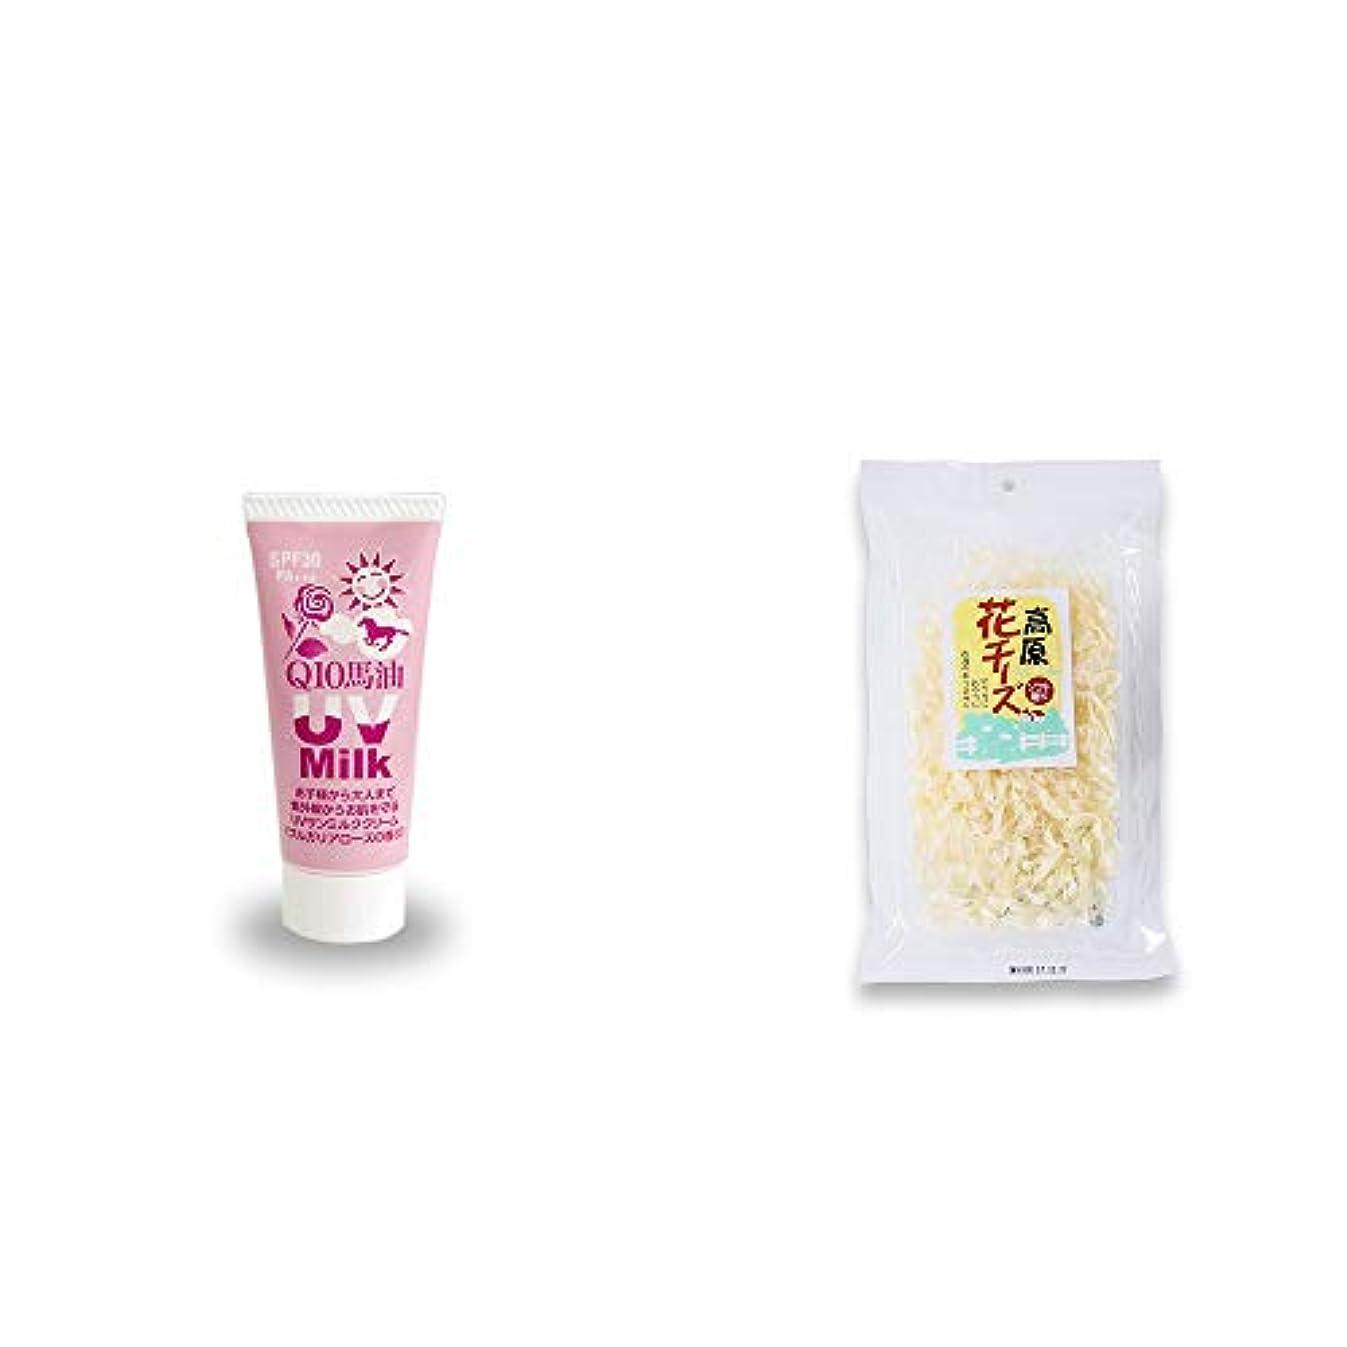 によってどっち方程式[2点セット] 炭黒泉 Q10馬油 UVサンミルク[ブルガリアローズ](40g)?高原の花チーズ(56g)